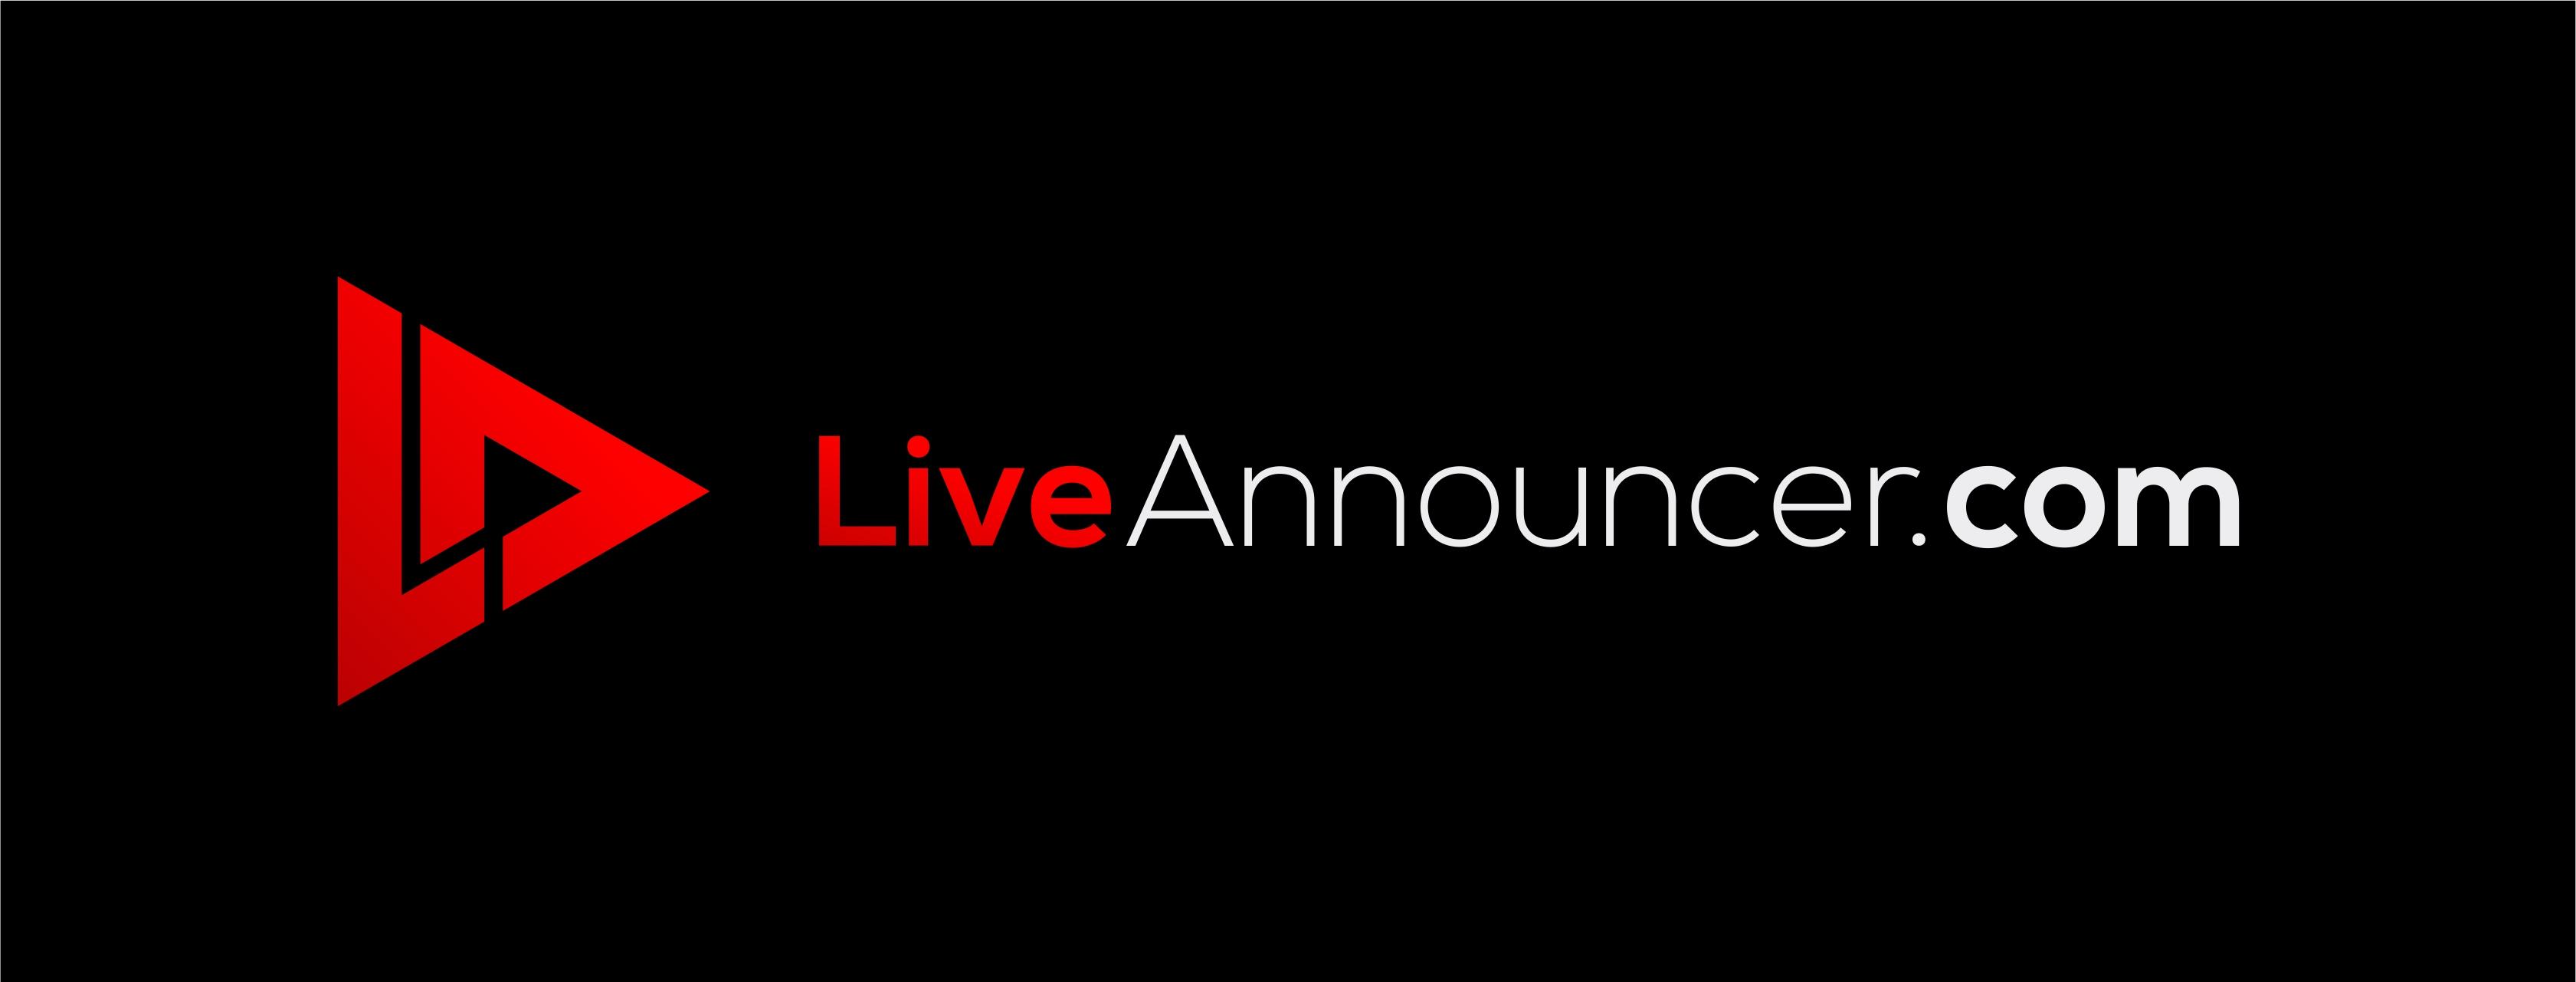 LiveAnnouncer.com